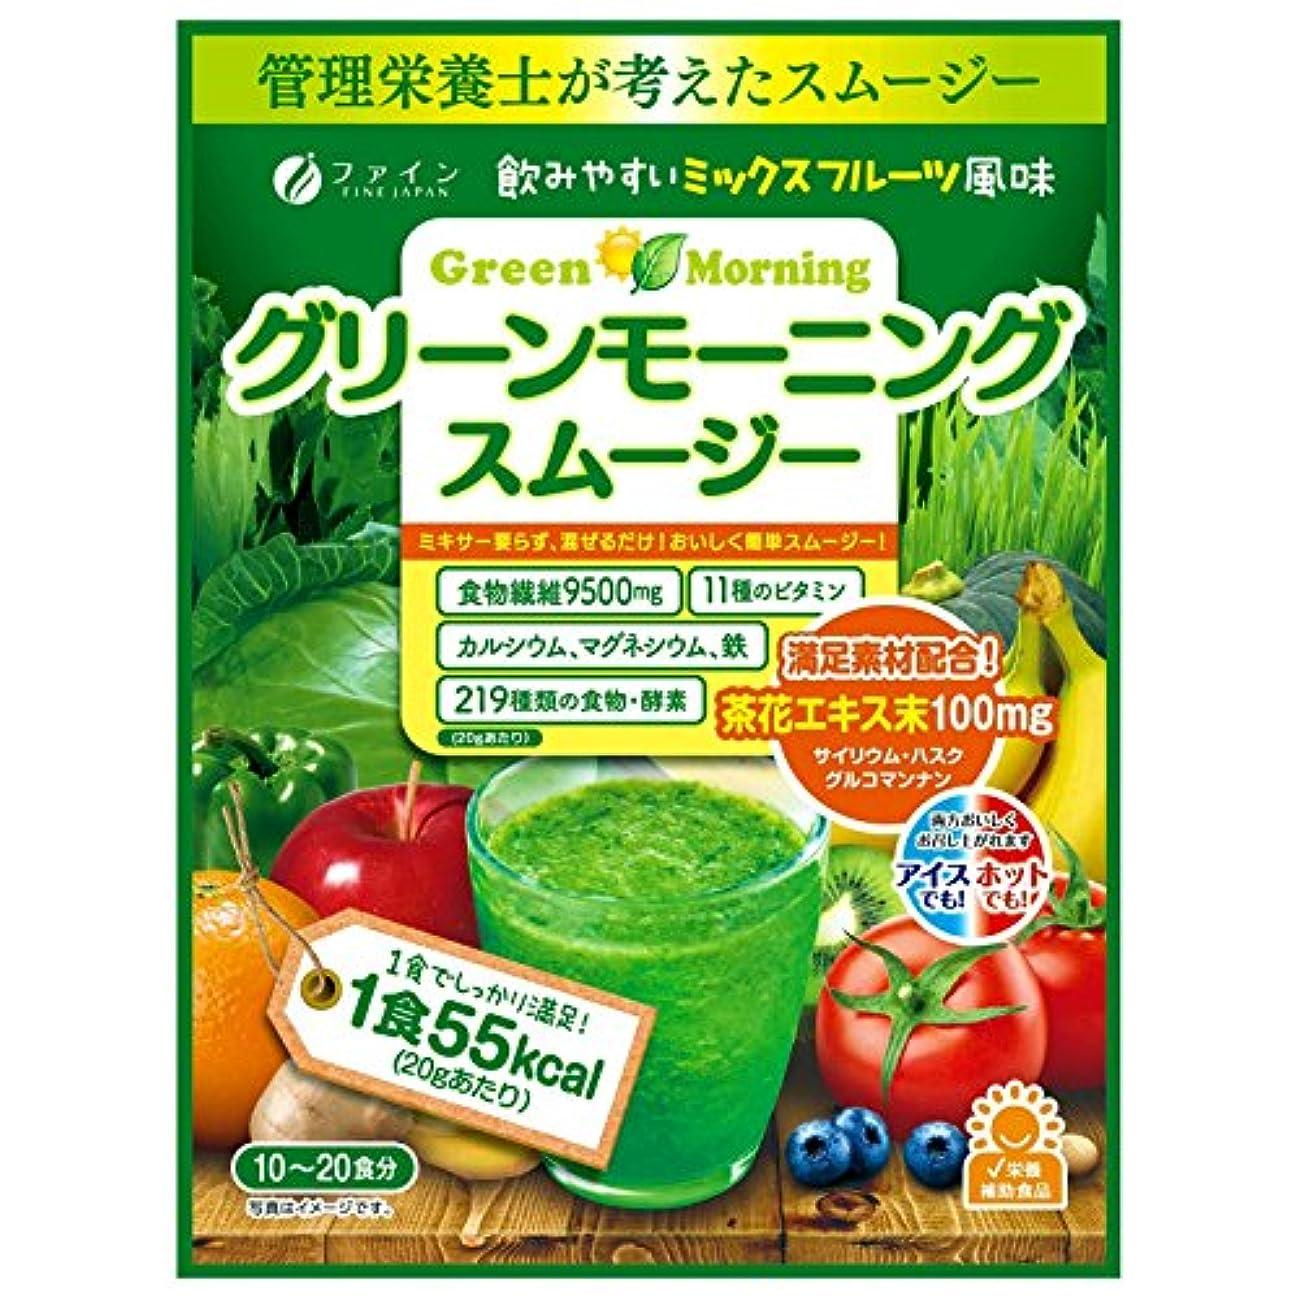 付与受動的の間でファイン グリーンモーニングスムージー ミックスフルーツ風味 200g×4個セット